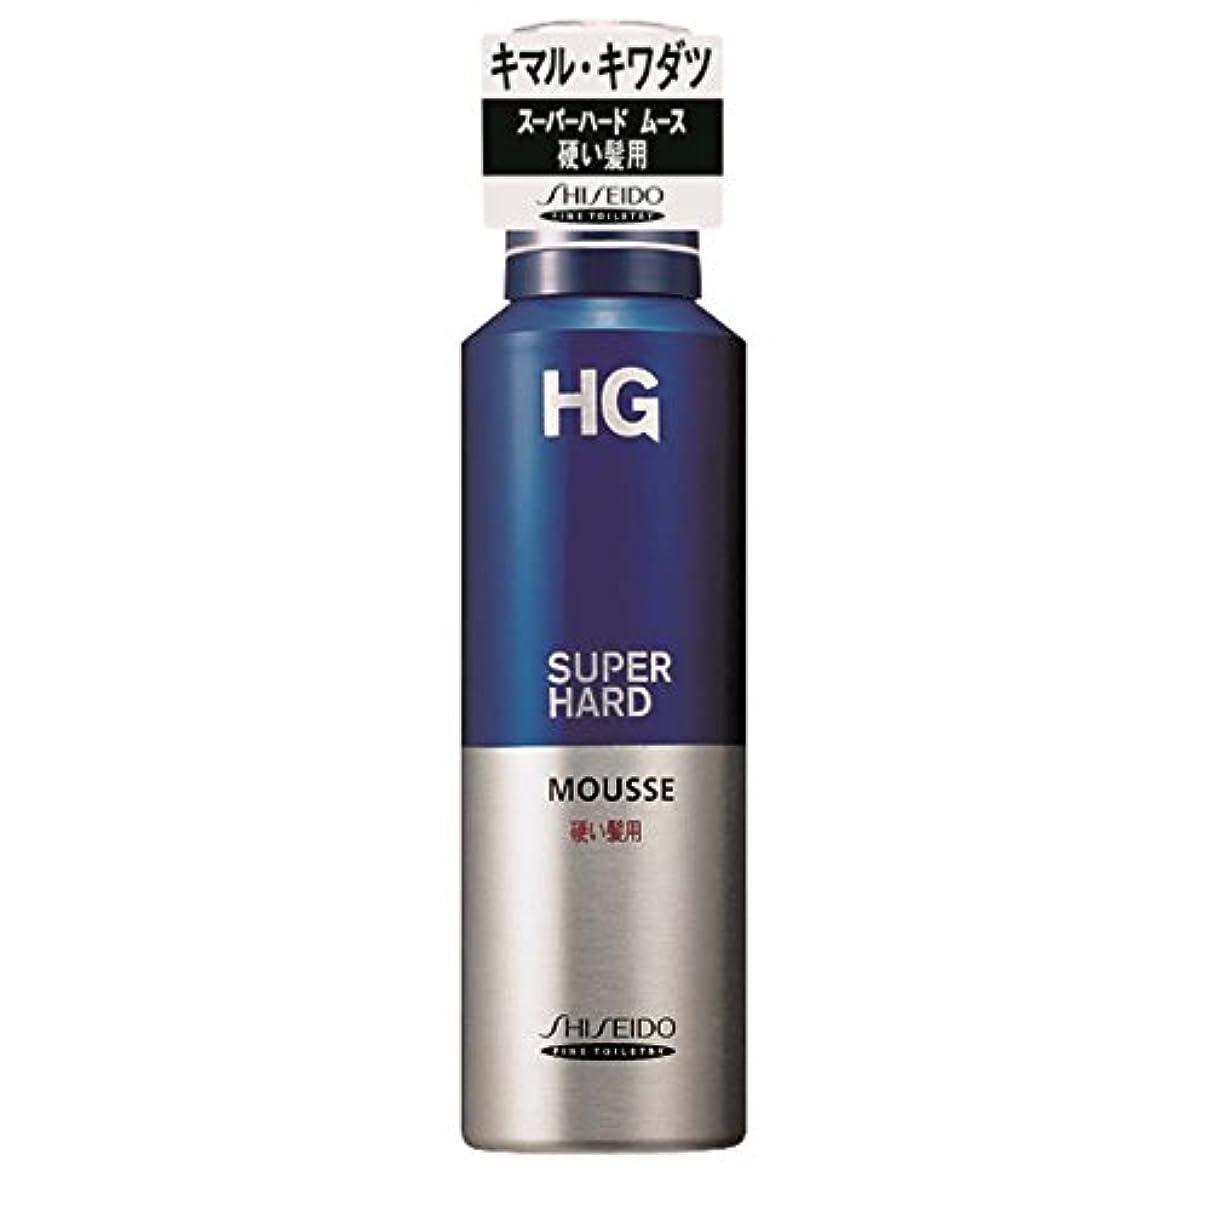 罰するとして標高HG スーパーハード ムース 硬い髪用 180g